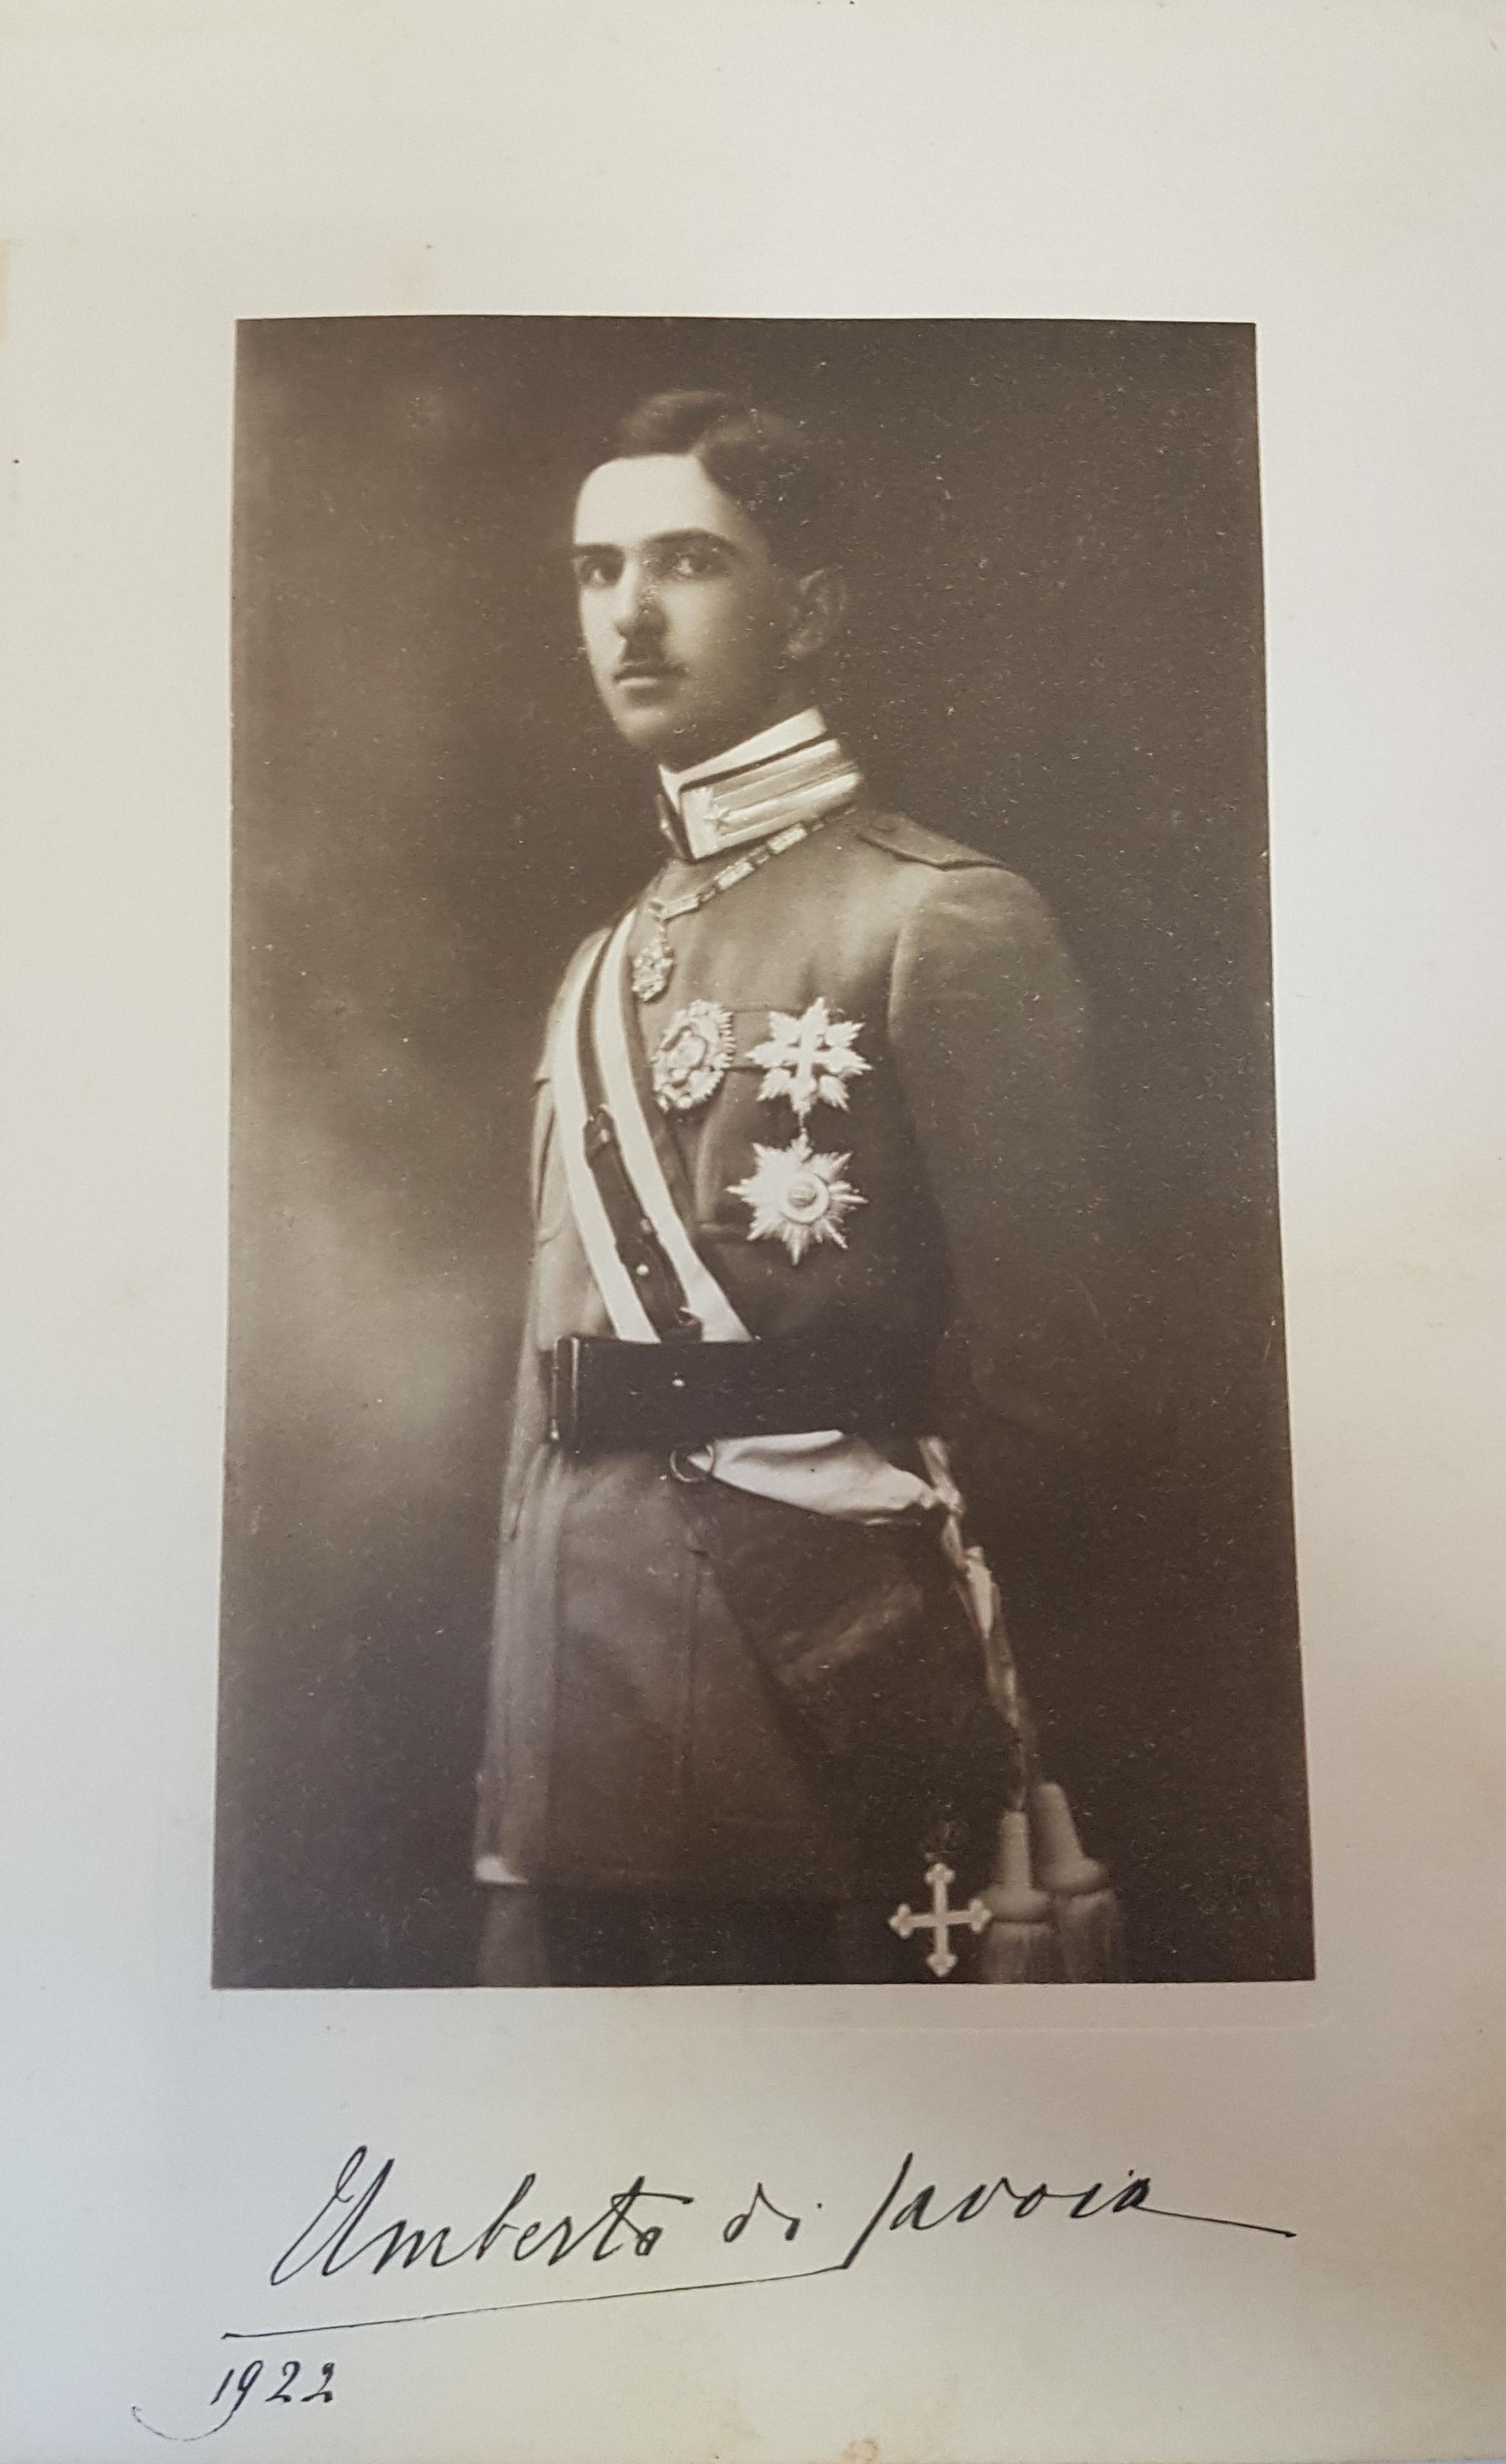 S.A.R. il Principe Umberto - Ufficiale dei Granatieri